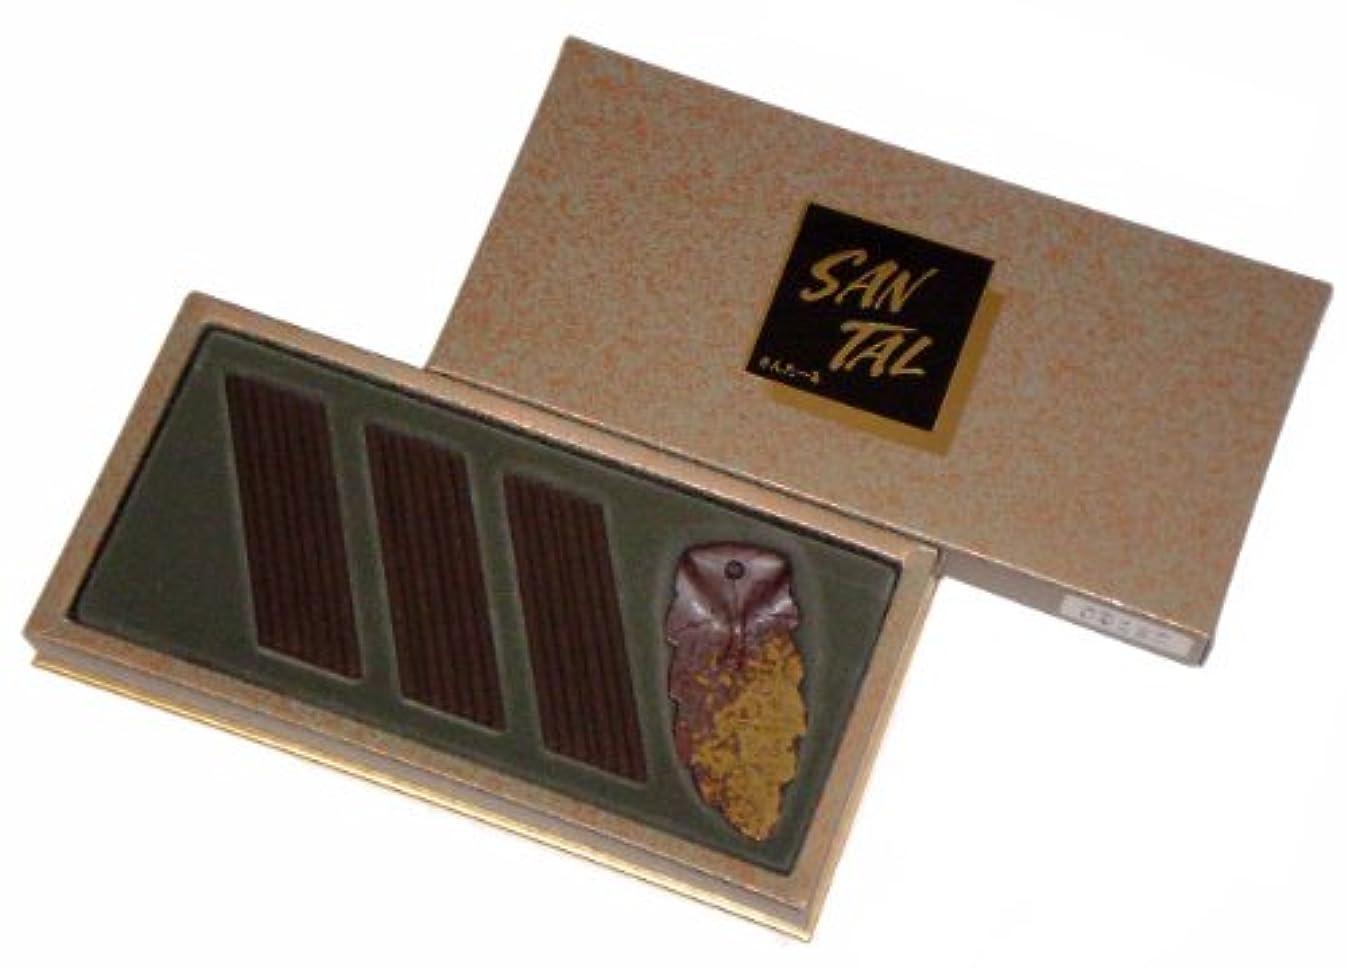 集団中国トレイル玉初堂のお香 サンタール スティックレギュラーセット #5212